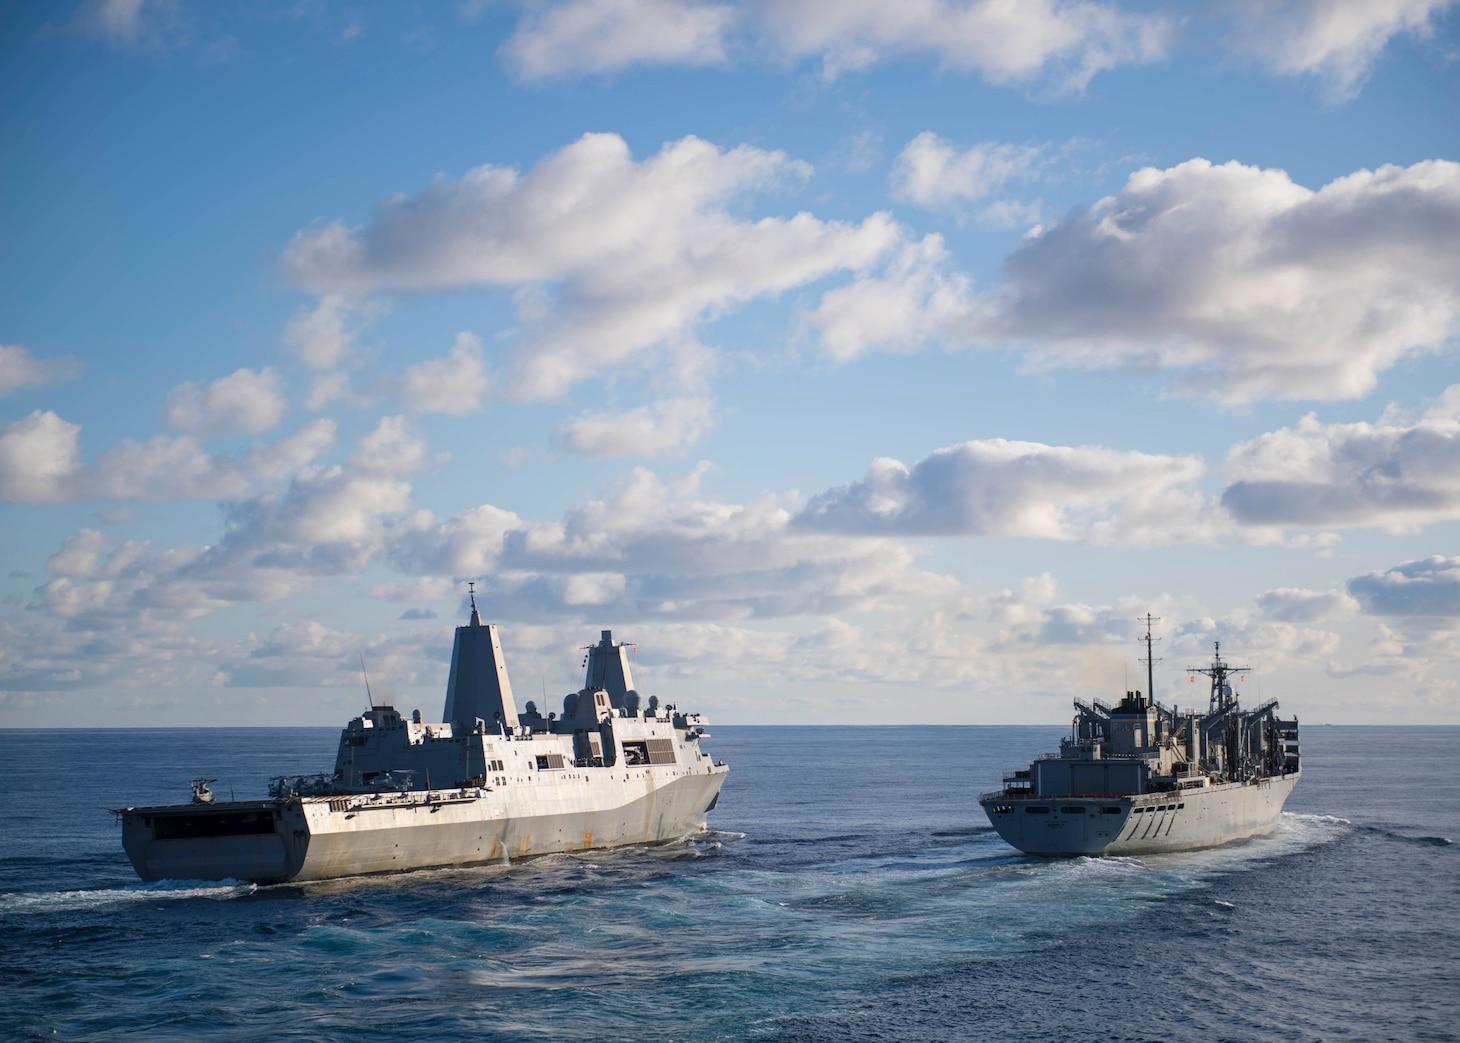 Iwo Jima Amphibious Ready Group